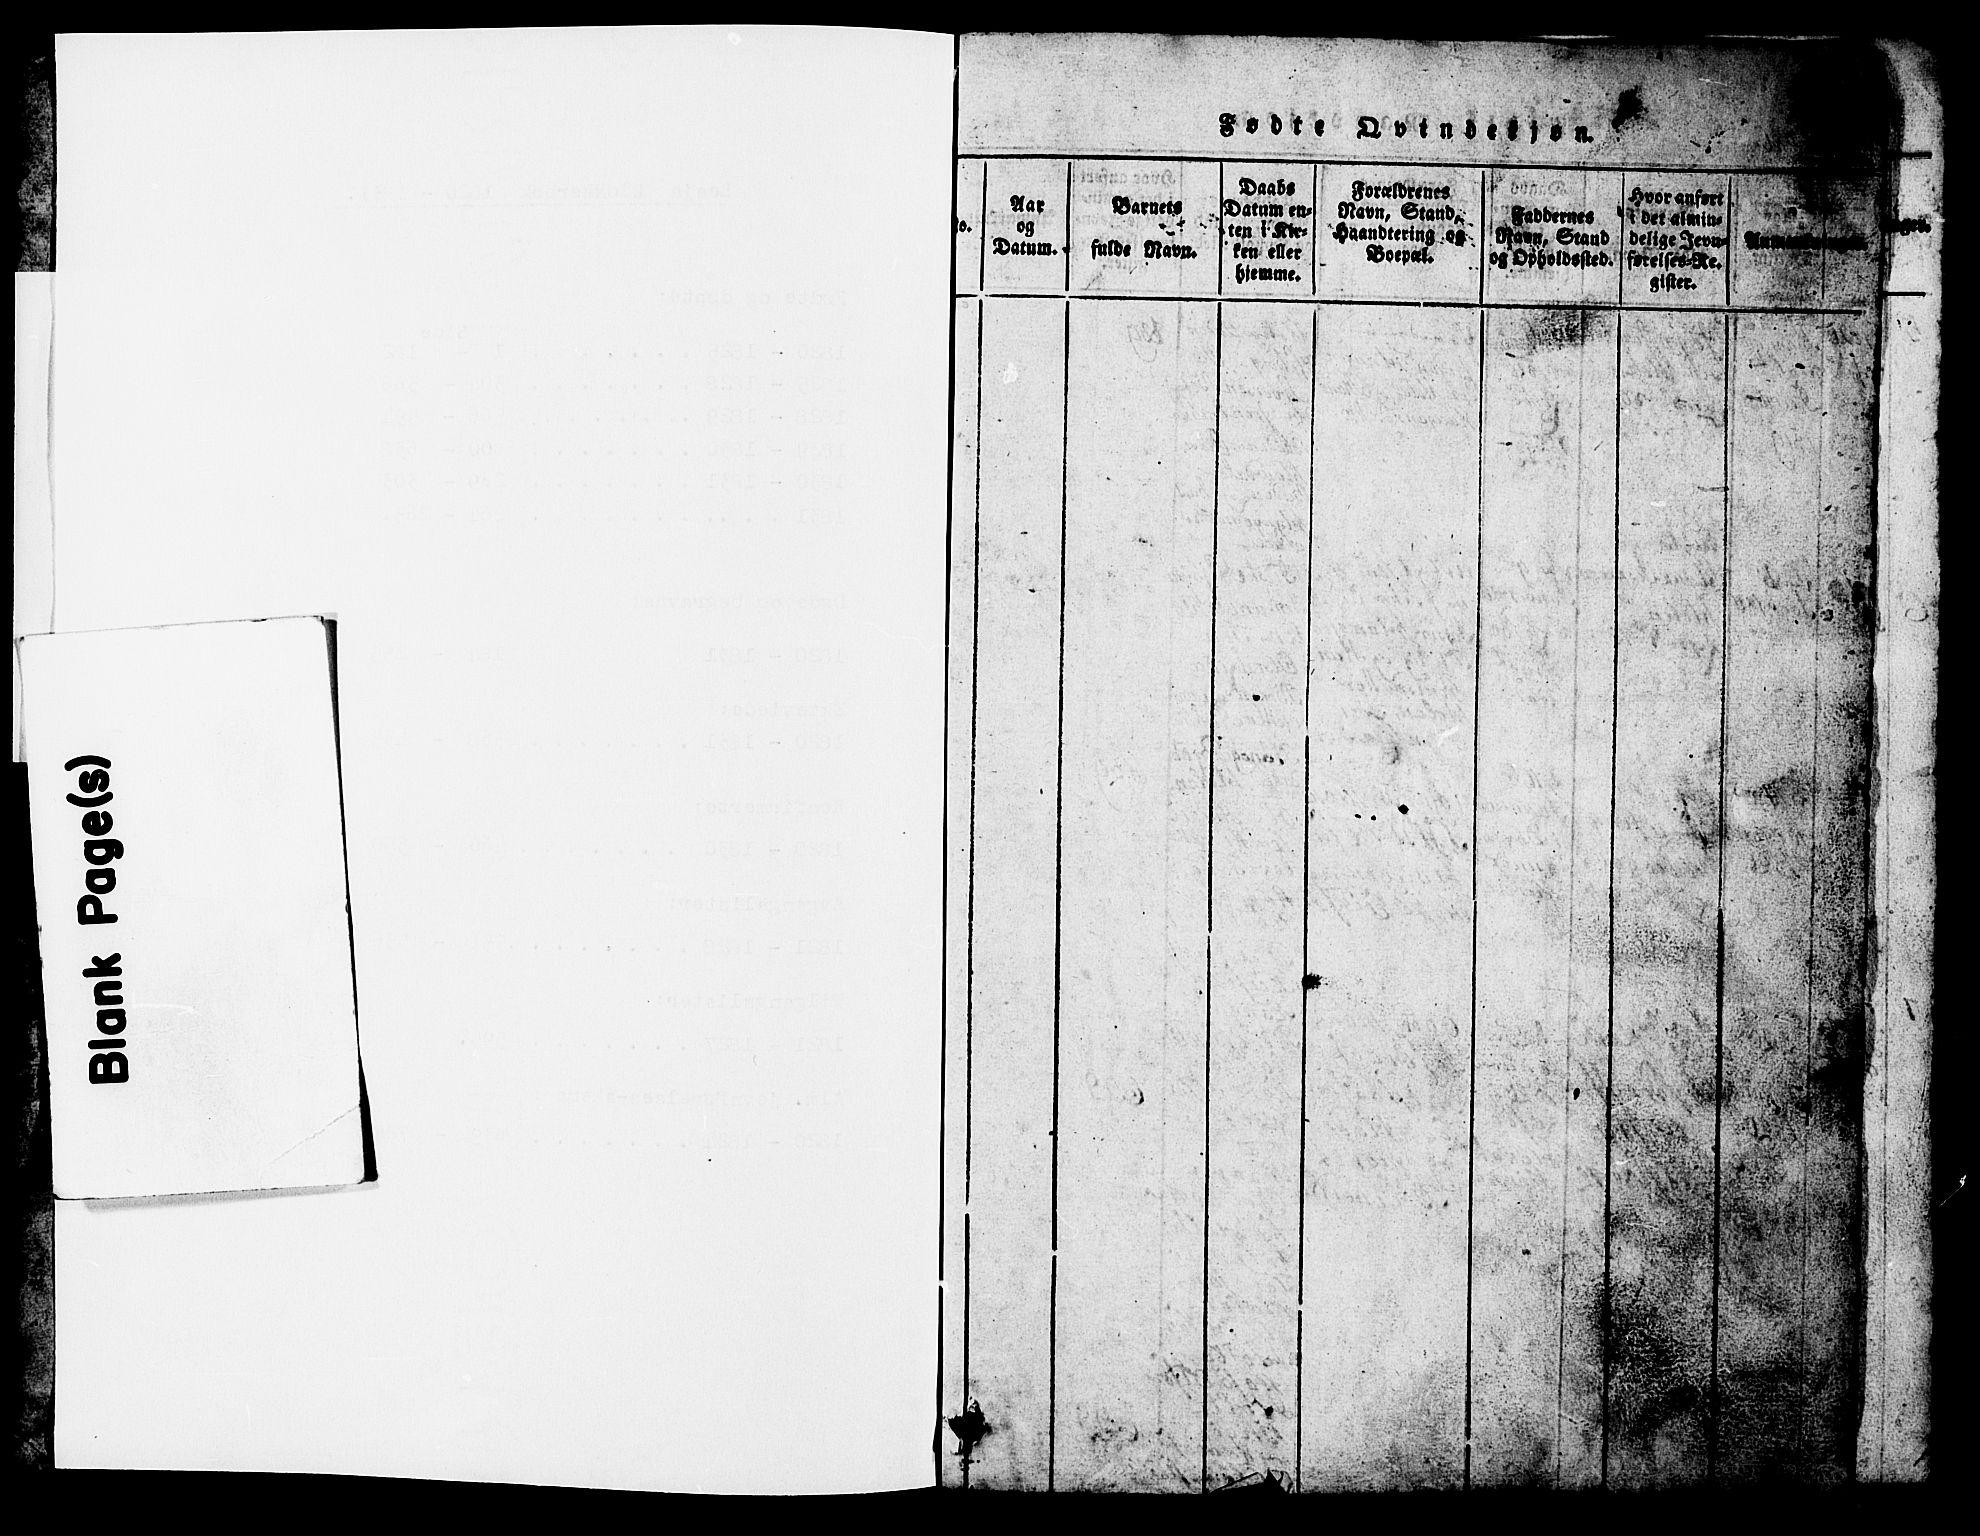 SAH, Lesja prestekontor, Parish register (copy) no. 1, 1820-1831, p. 1